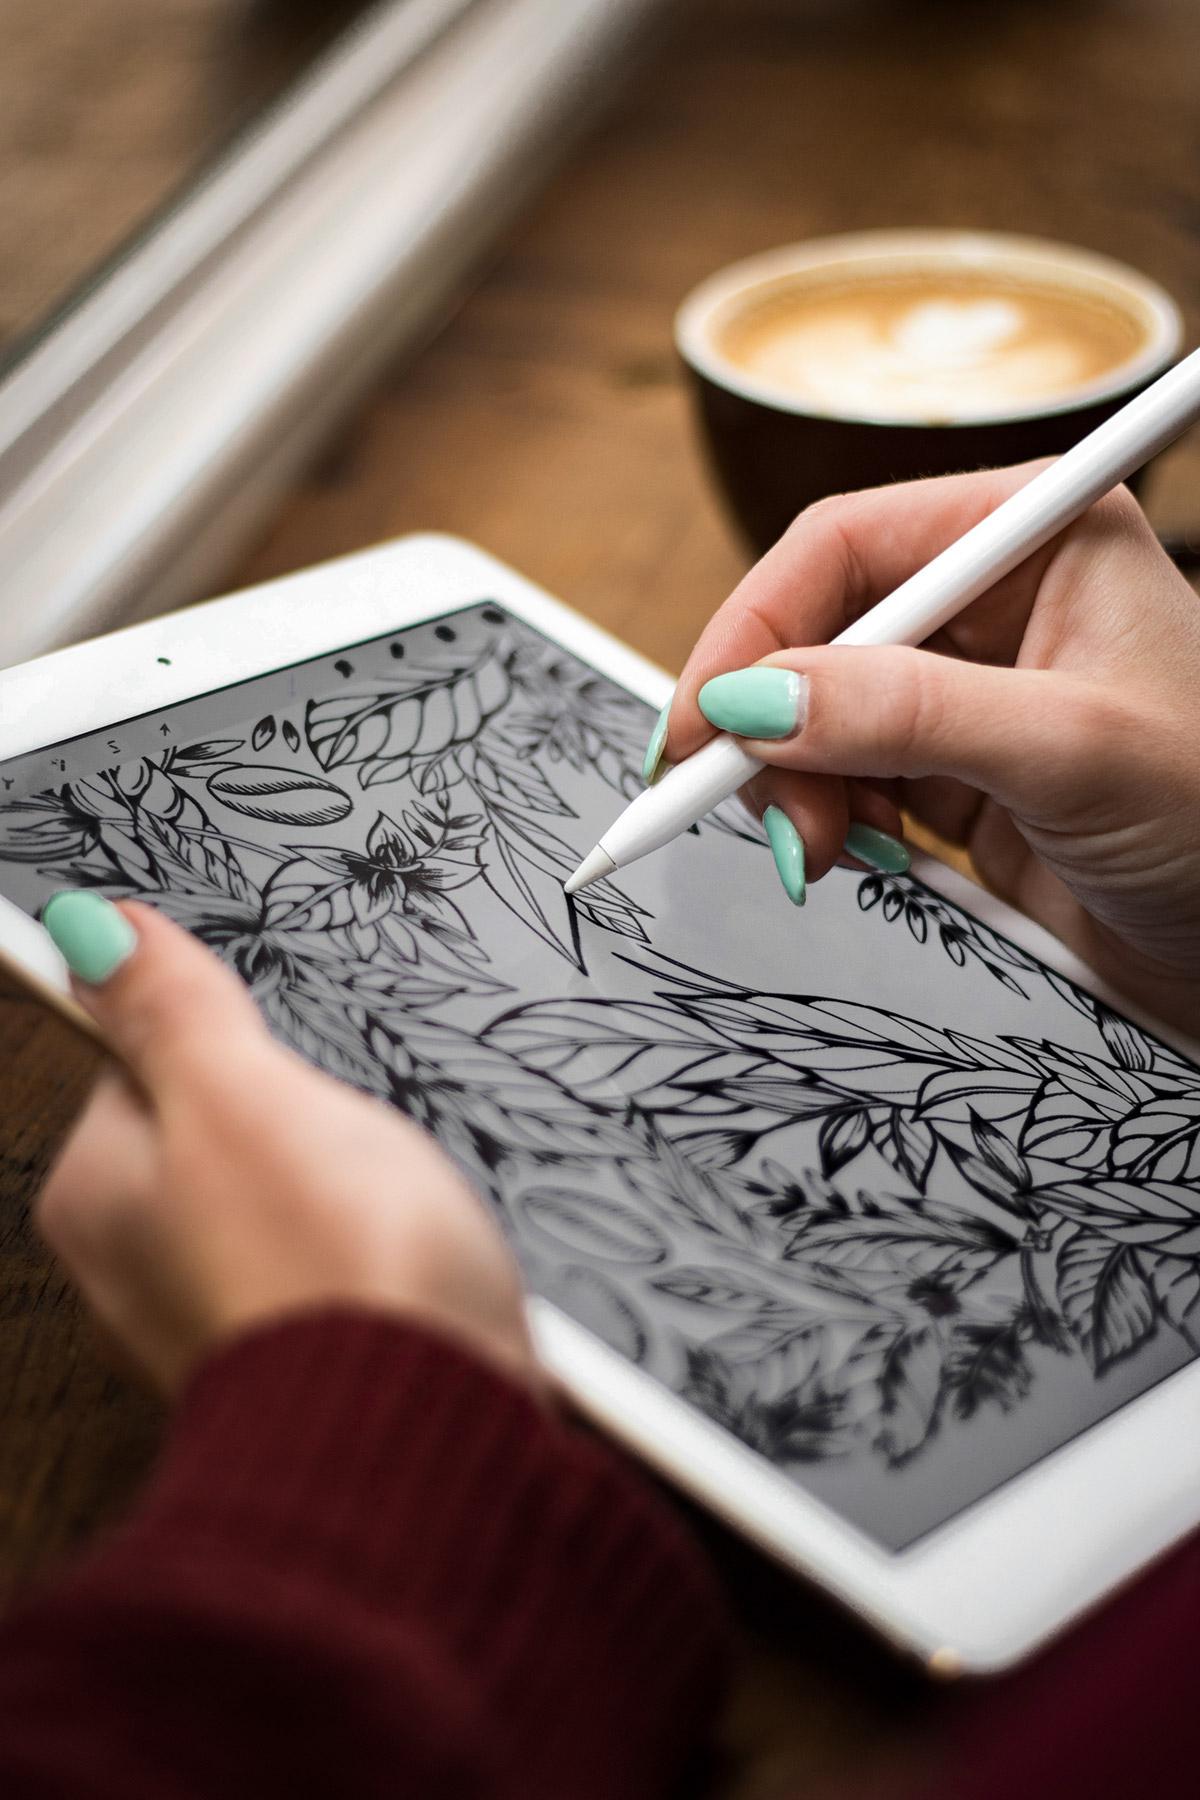 Alpro Maggie Enterrios littlepatterns packaging floral line digital drawing.jpg